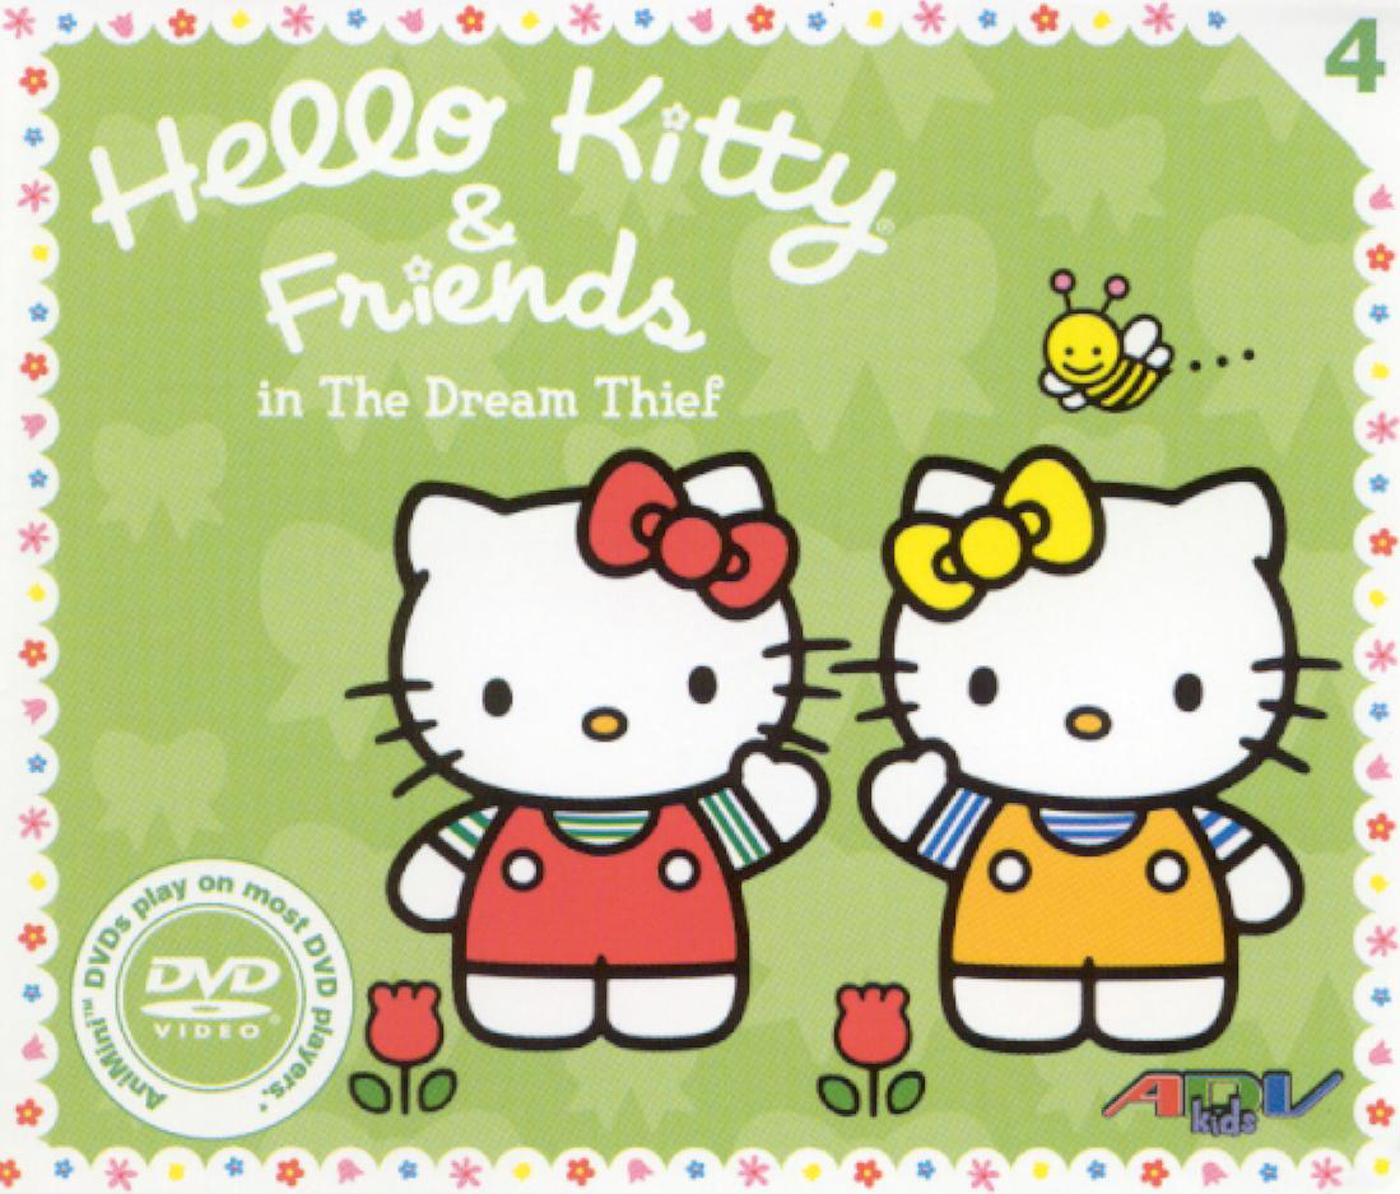 Hello Kitty & Friends: Kerropi in Robin Hood